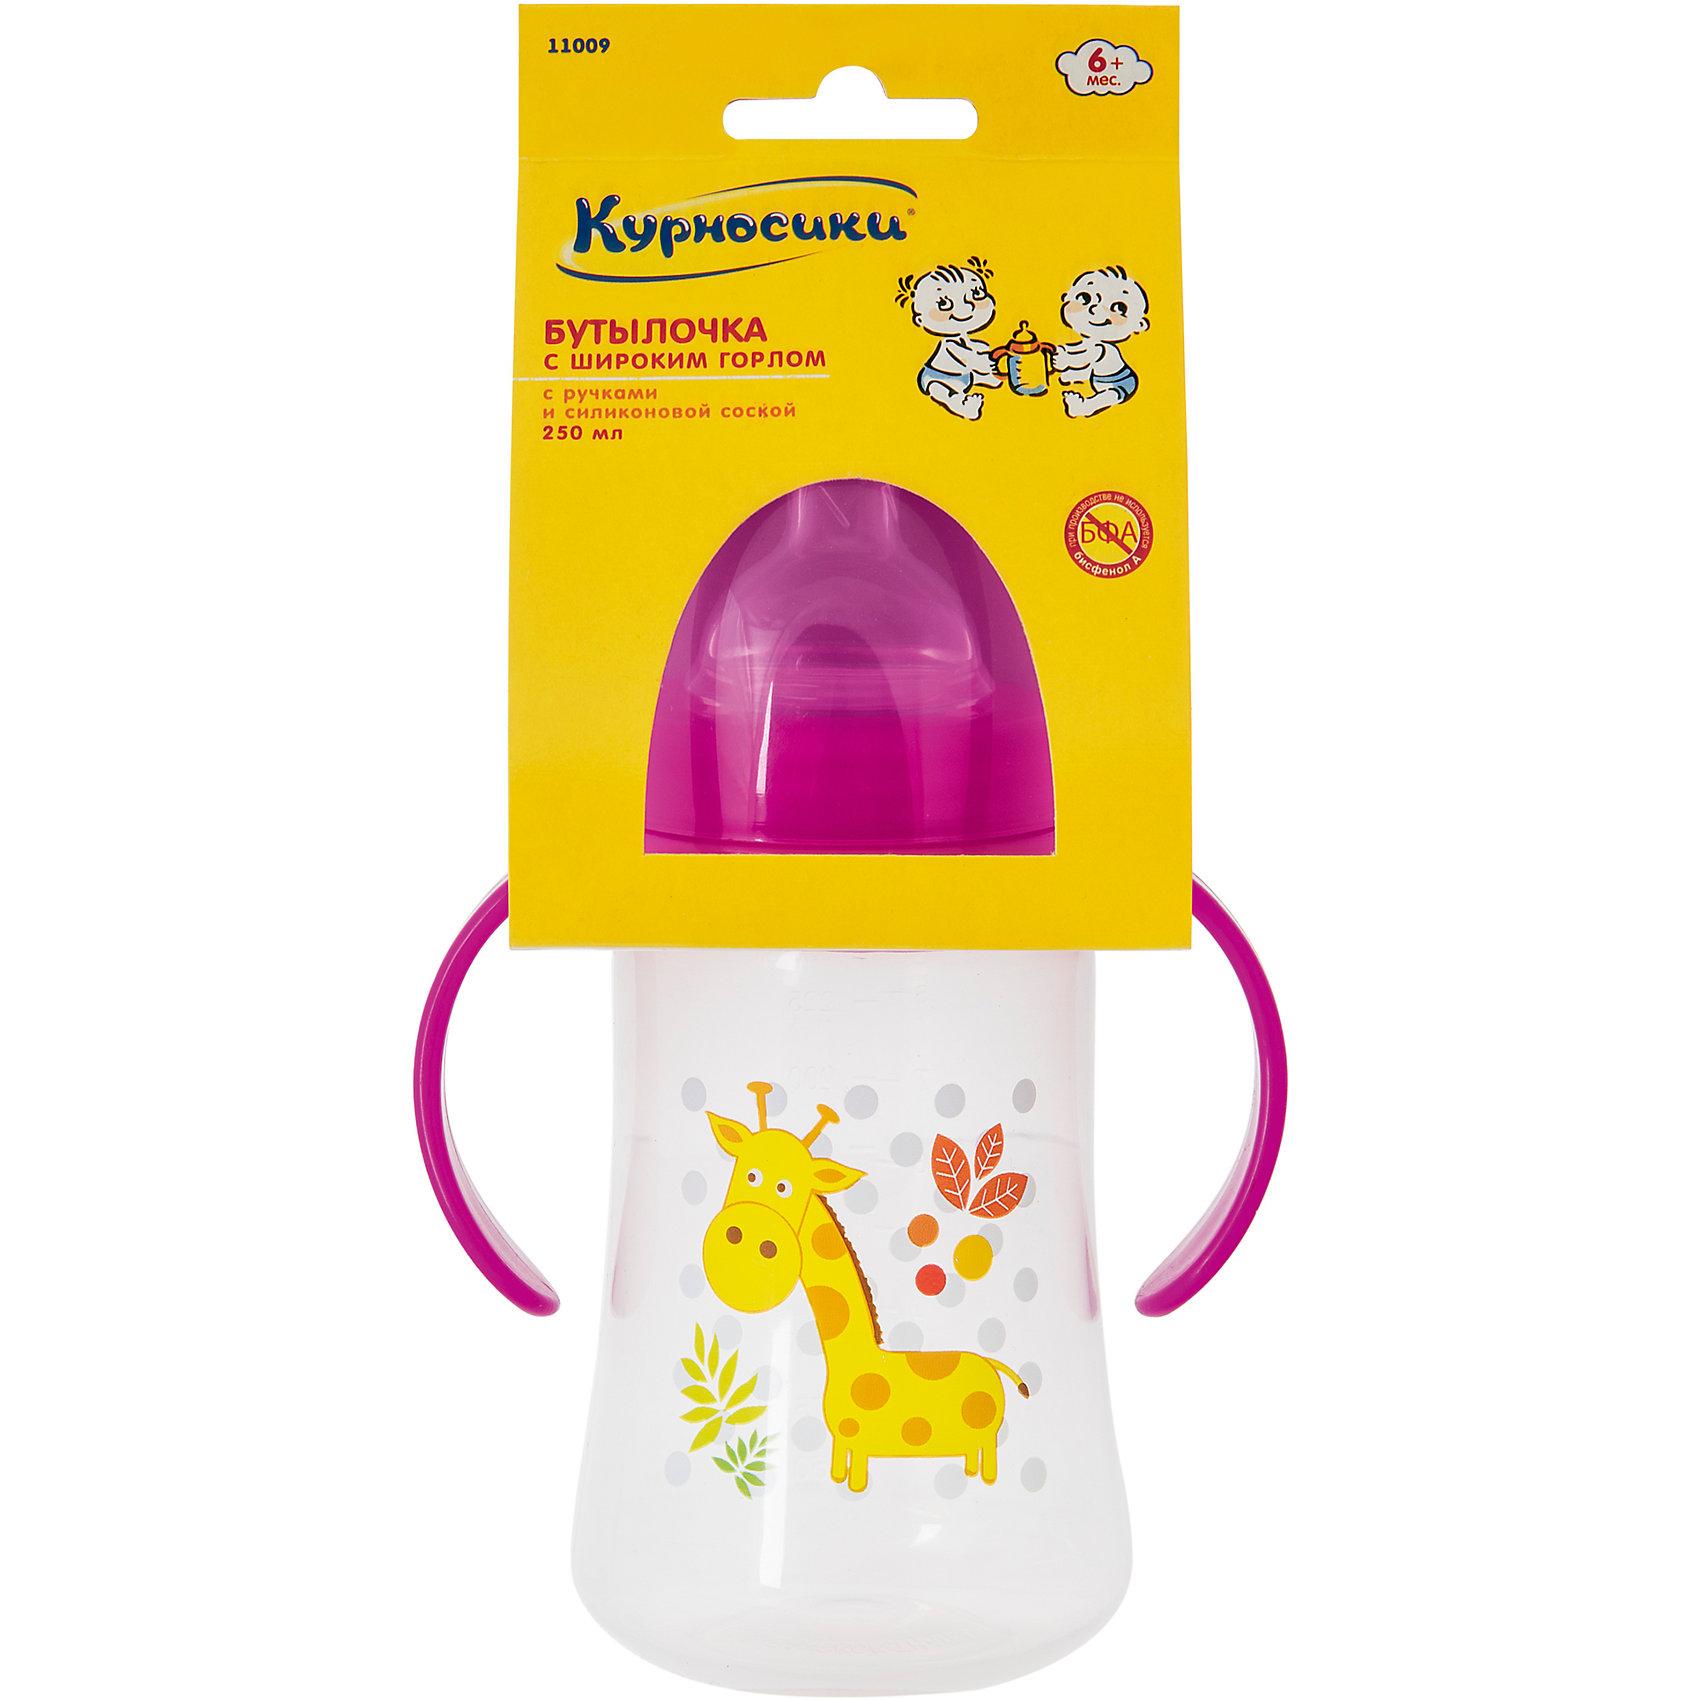 Курносики Бутылочка для кормления с ручками и силиконовой соской Жираф, 250 мл, Kurnosiki, розовый